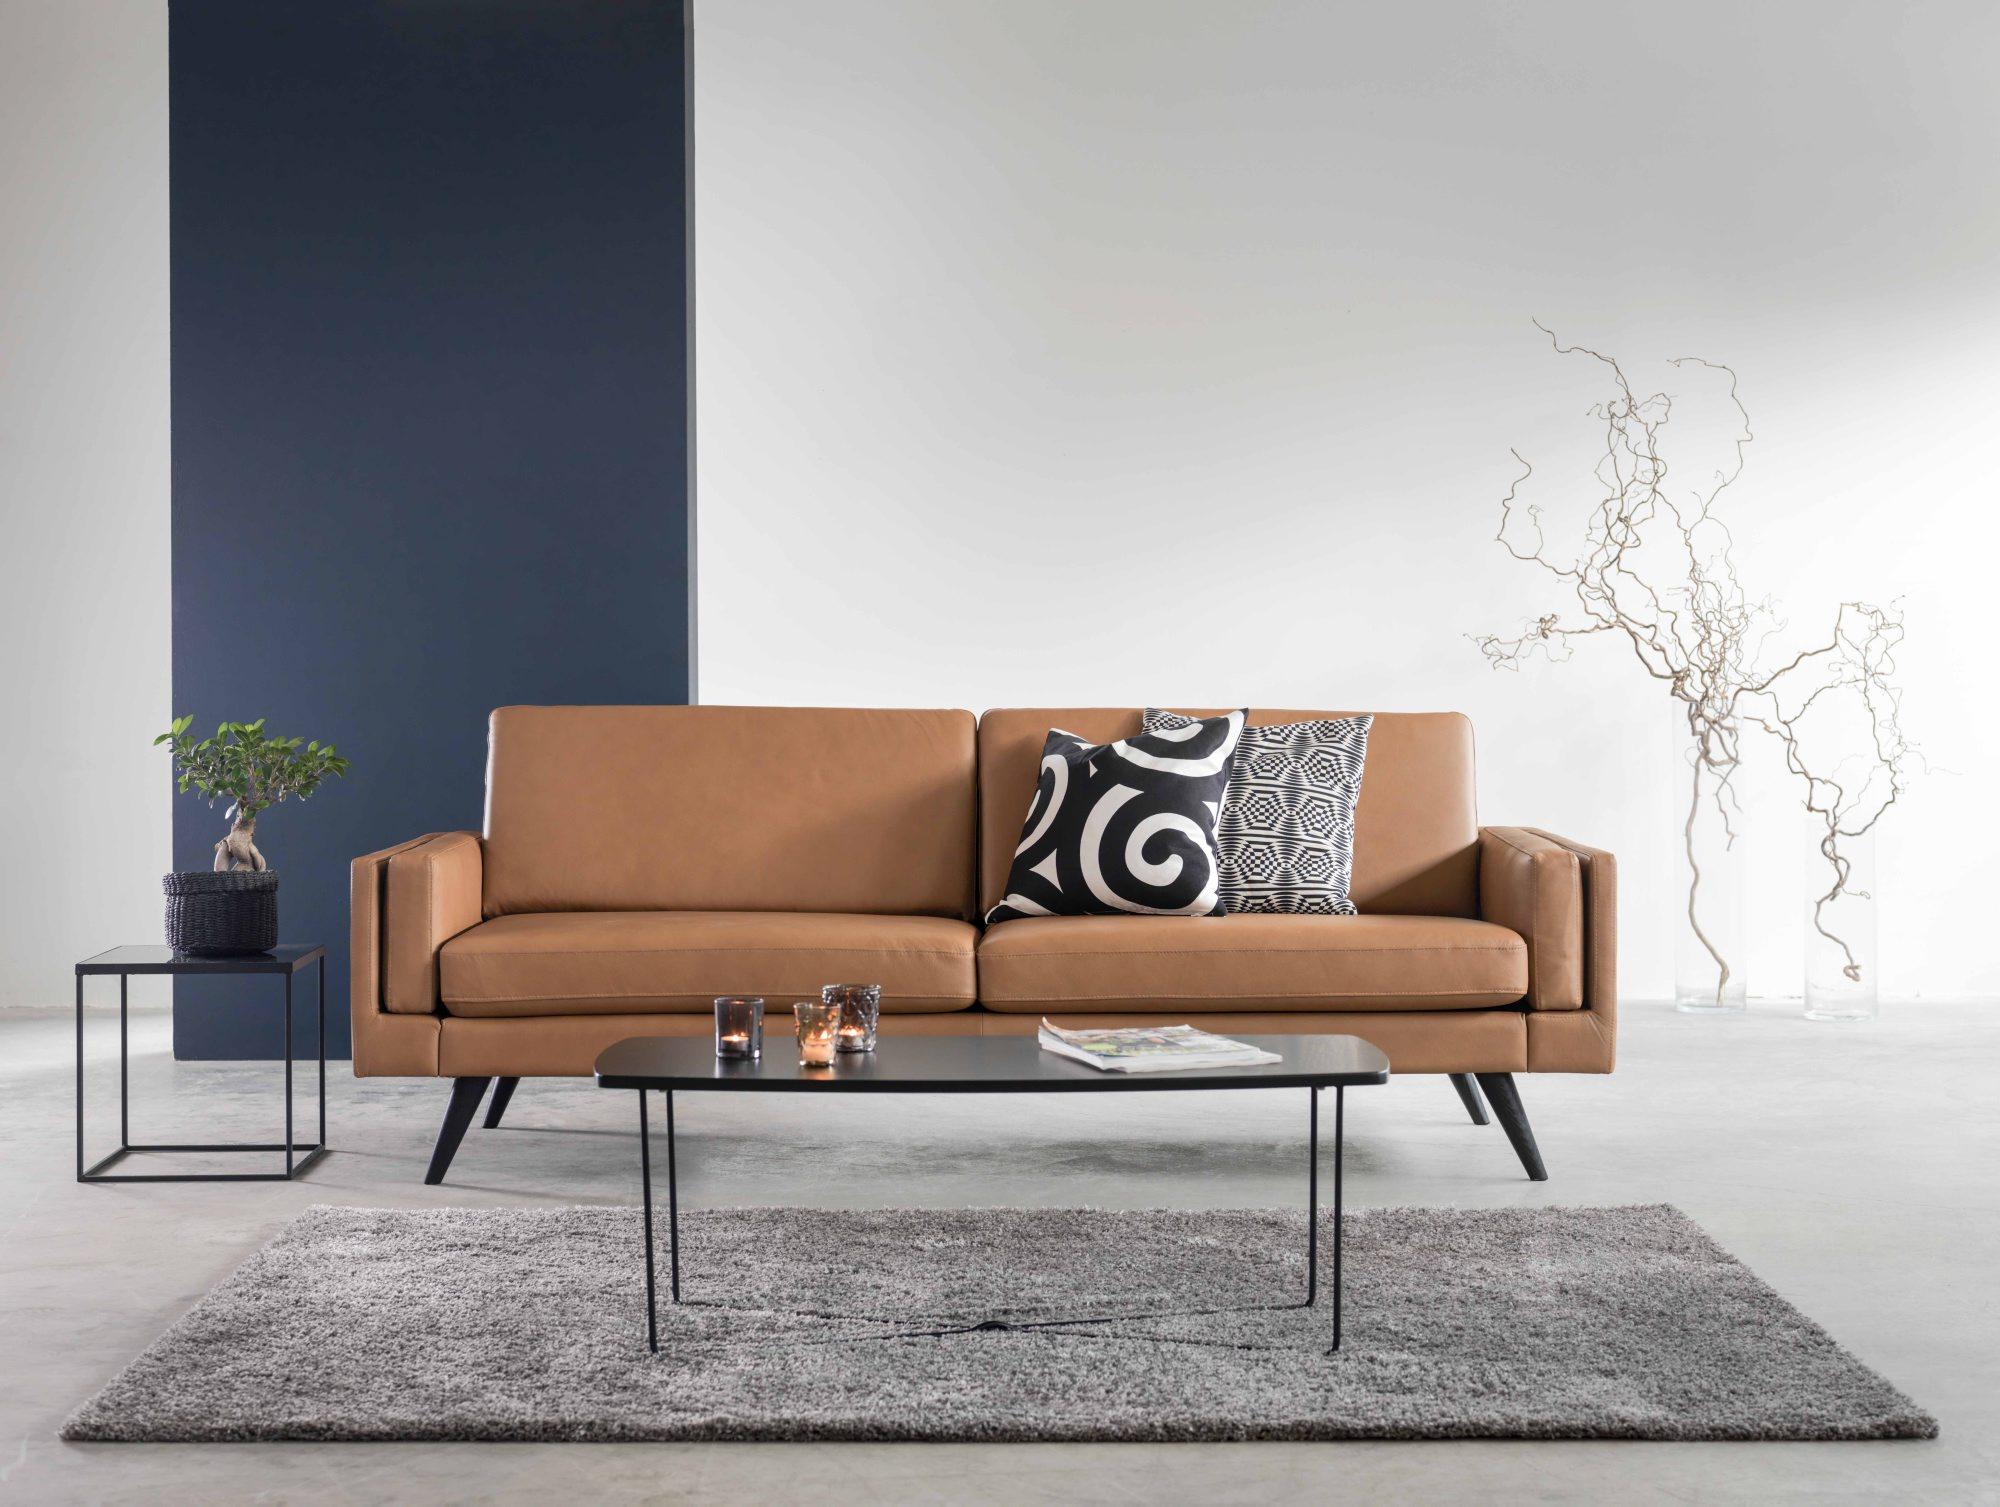 Sofa i lær, Nordiclines, fra Hjellegjerde, kr 23 465, Møbelringen.